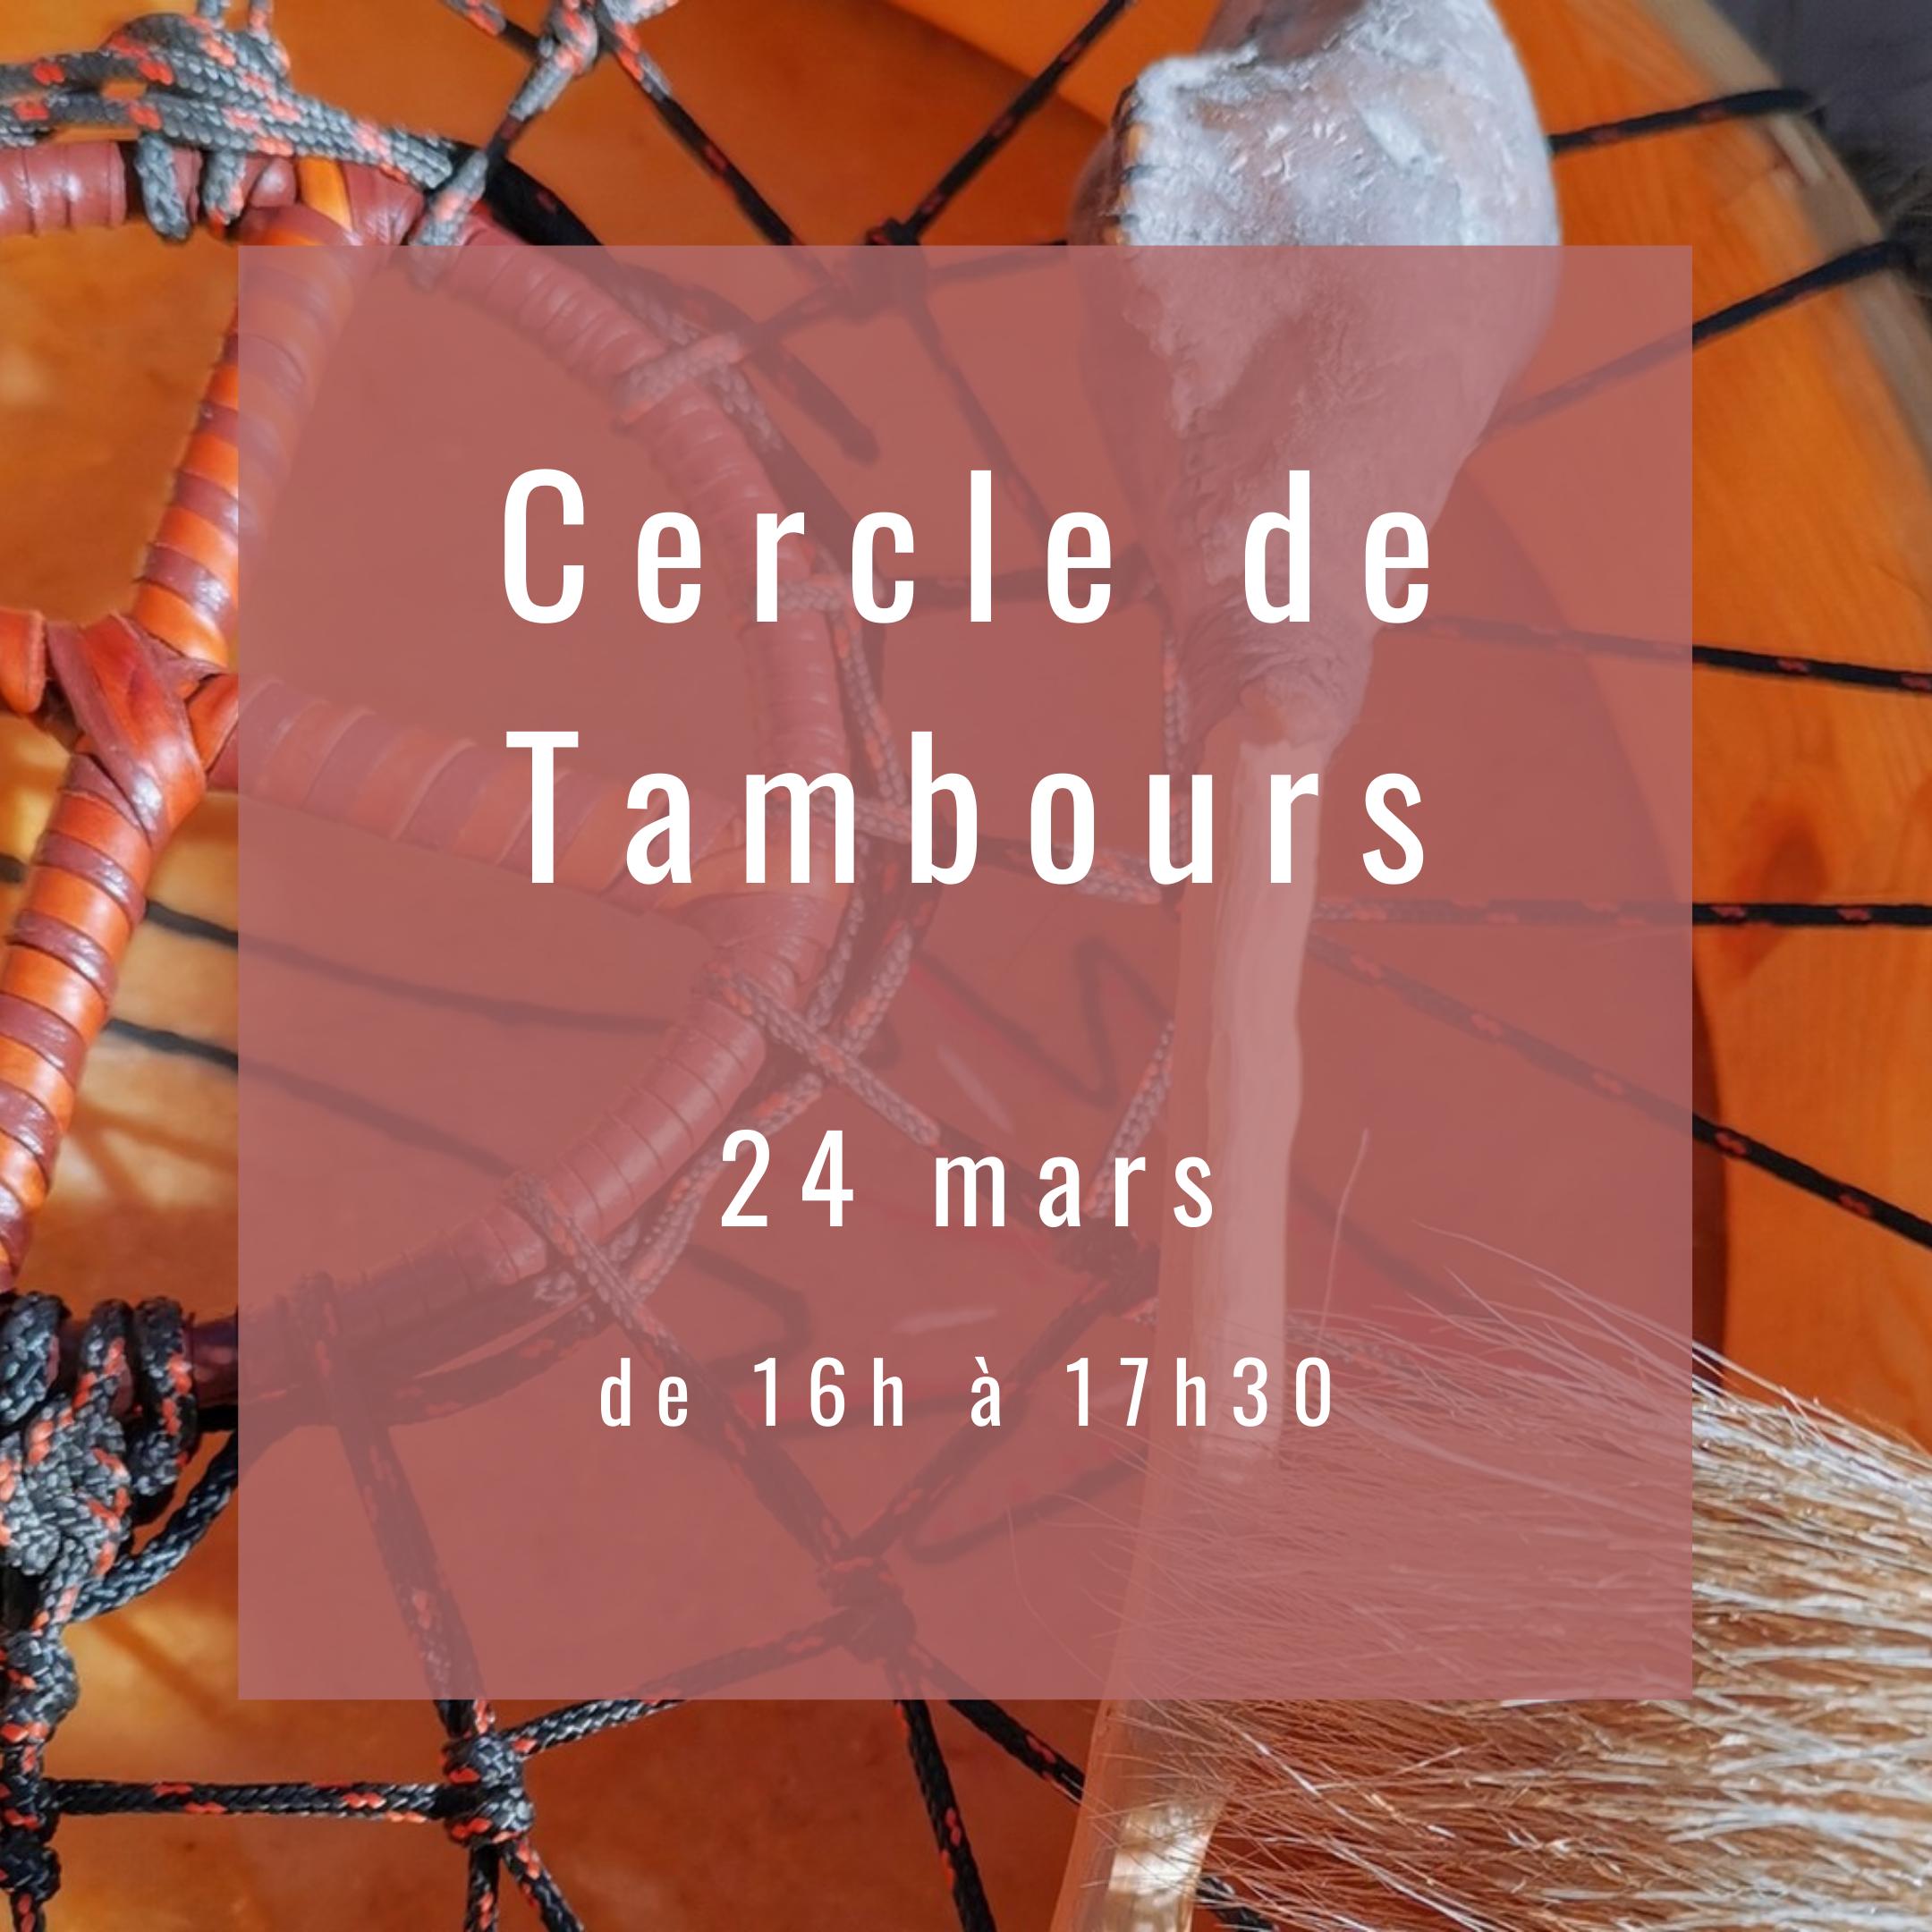 Cercle De Tambours Lyon